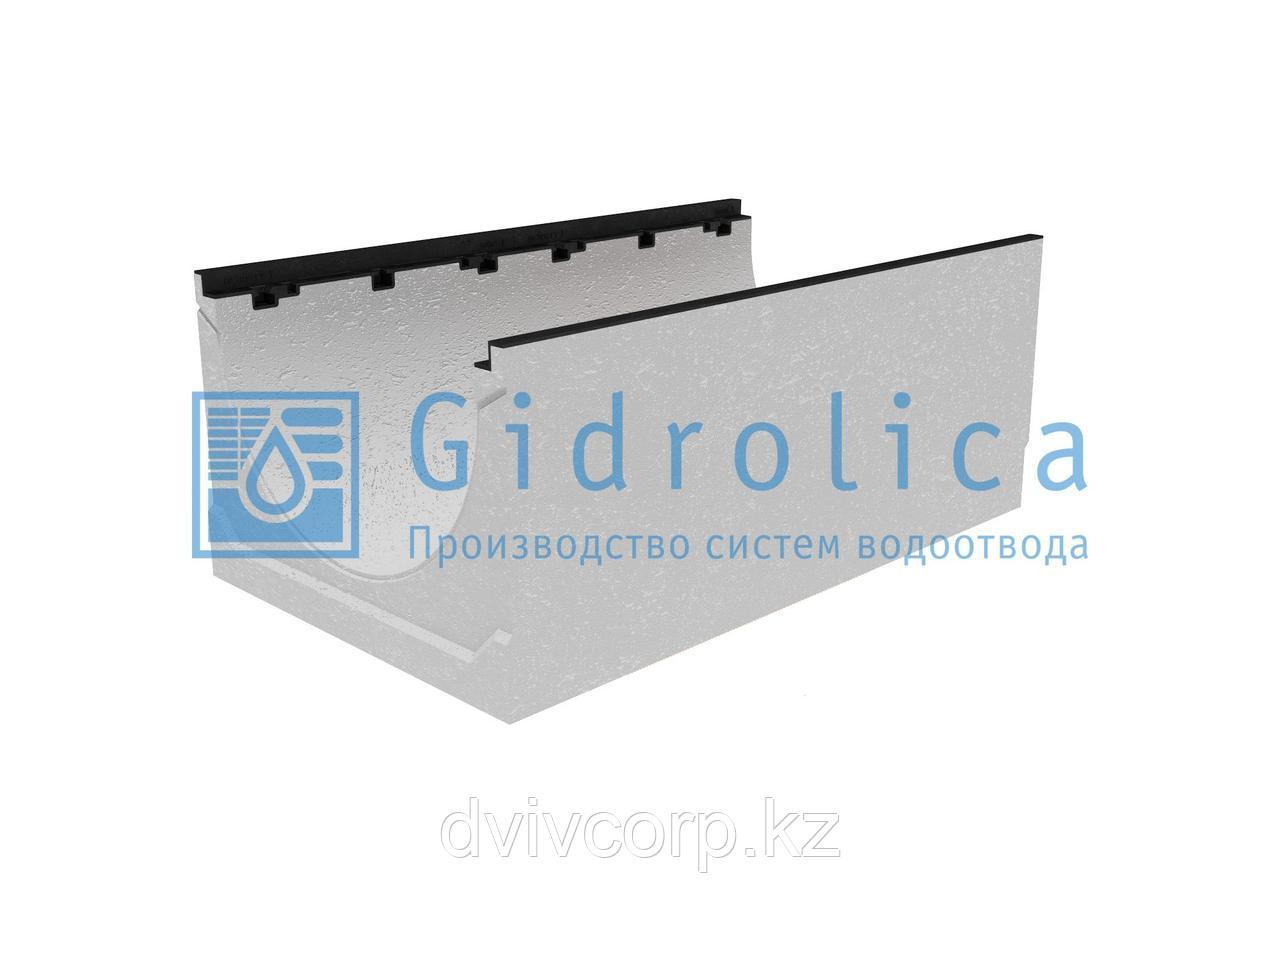 Лоток водоотводный бетонный коробчатый (СО-500мм), с чугунной насадкой КU 100.60,3 (50).40(31) - BGZ-S, №